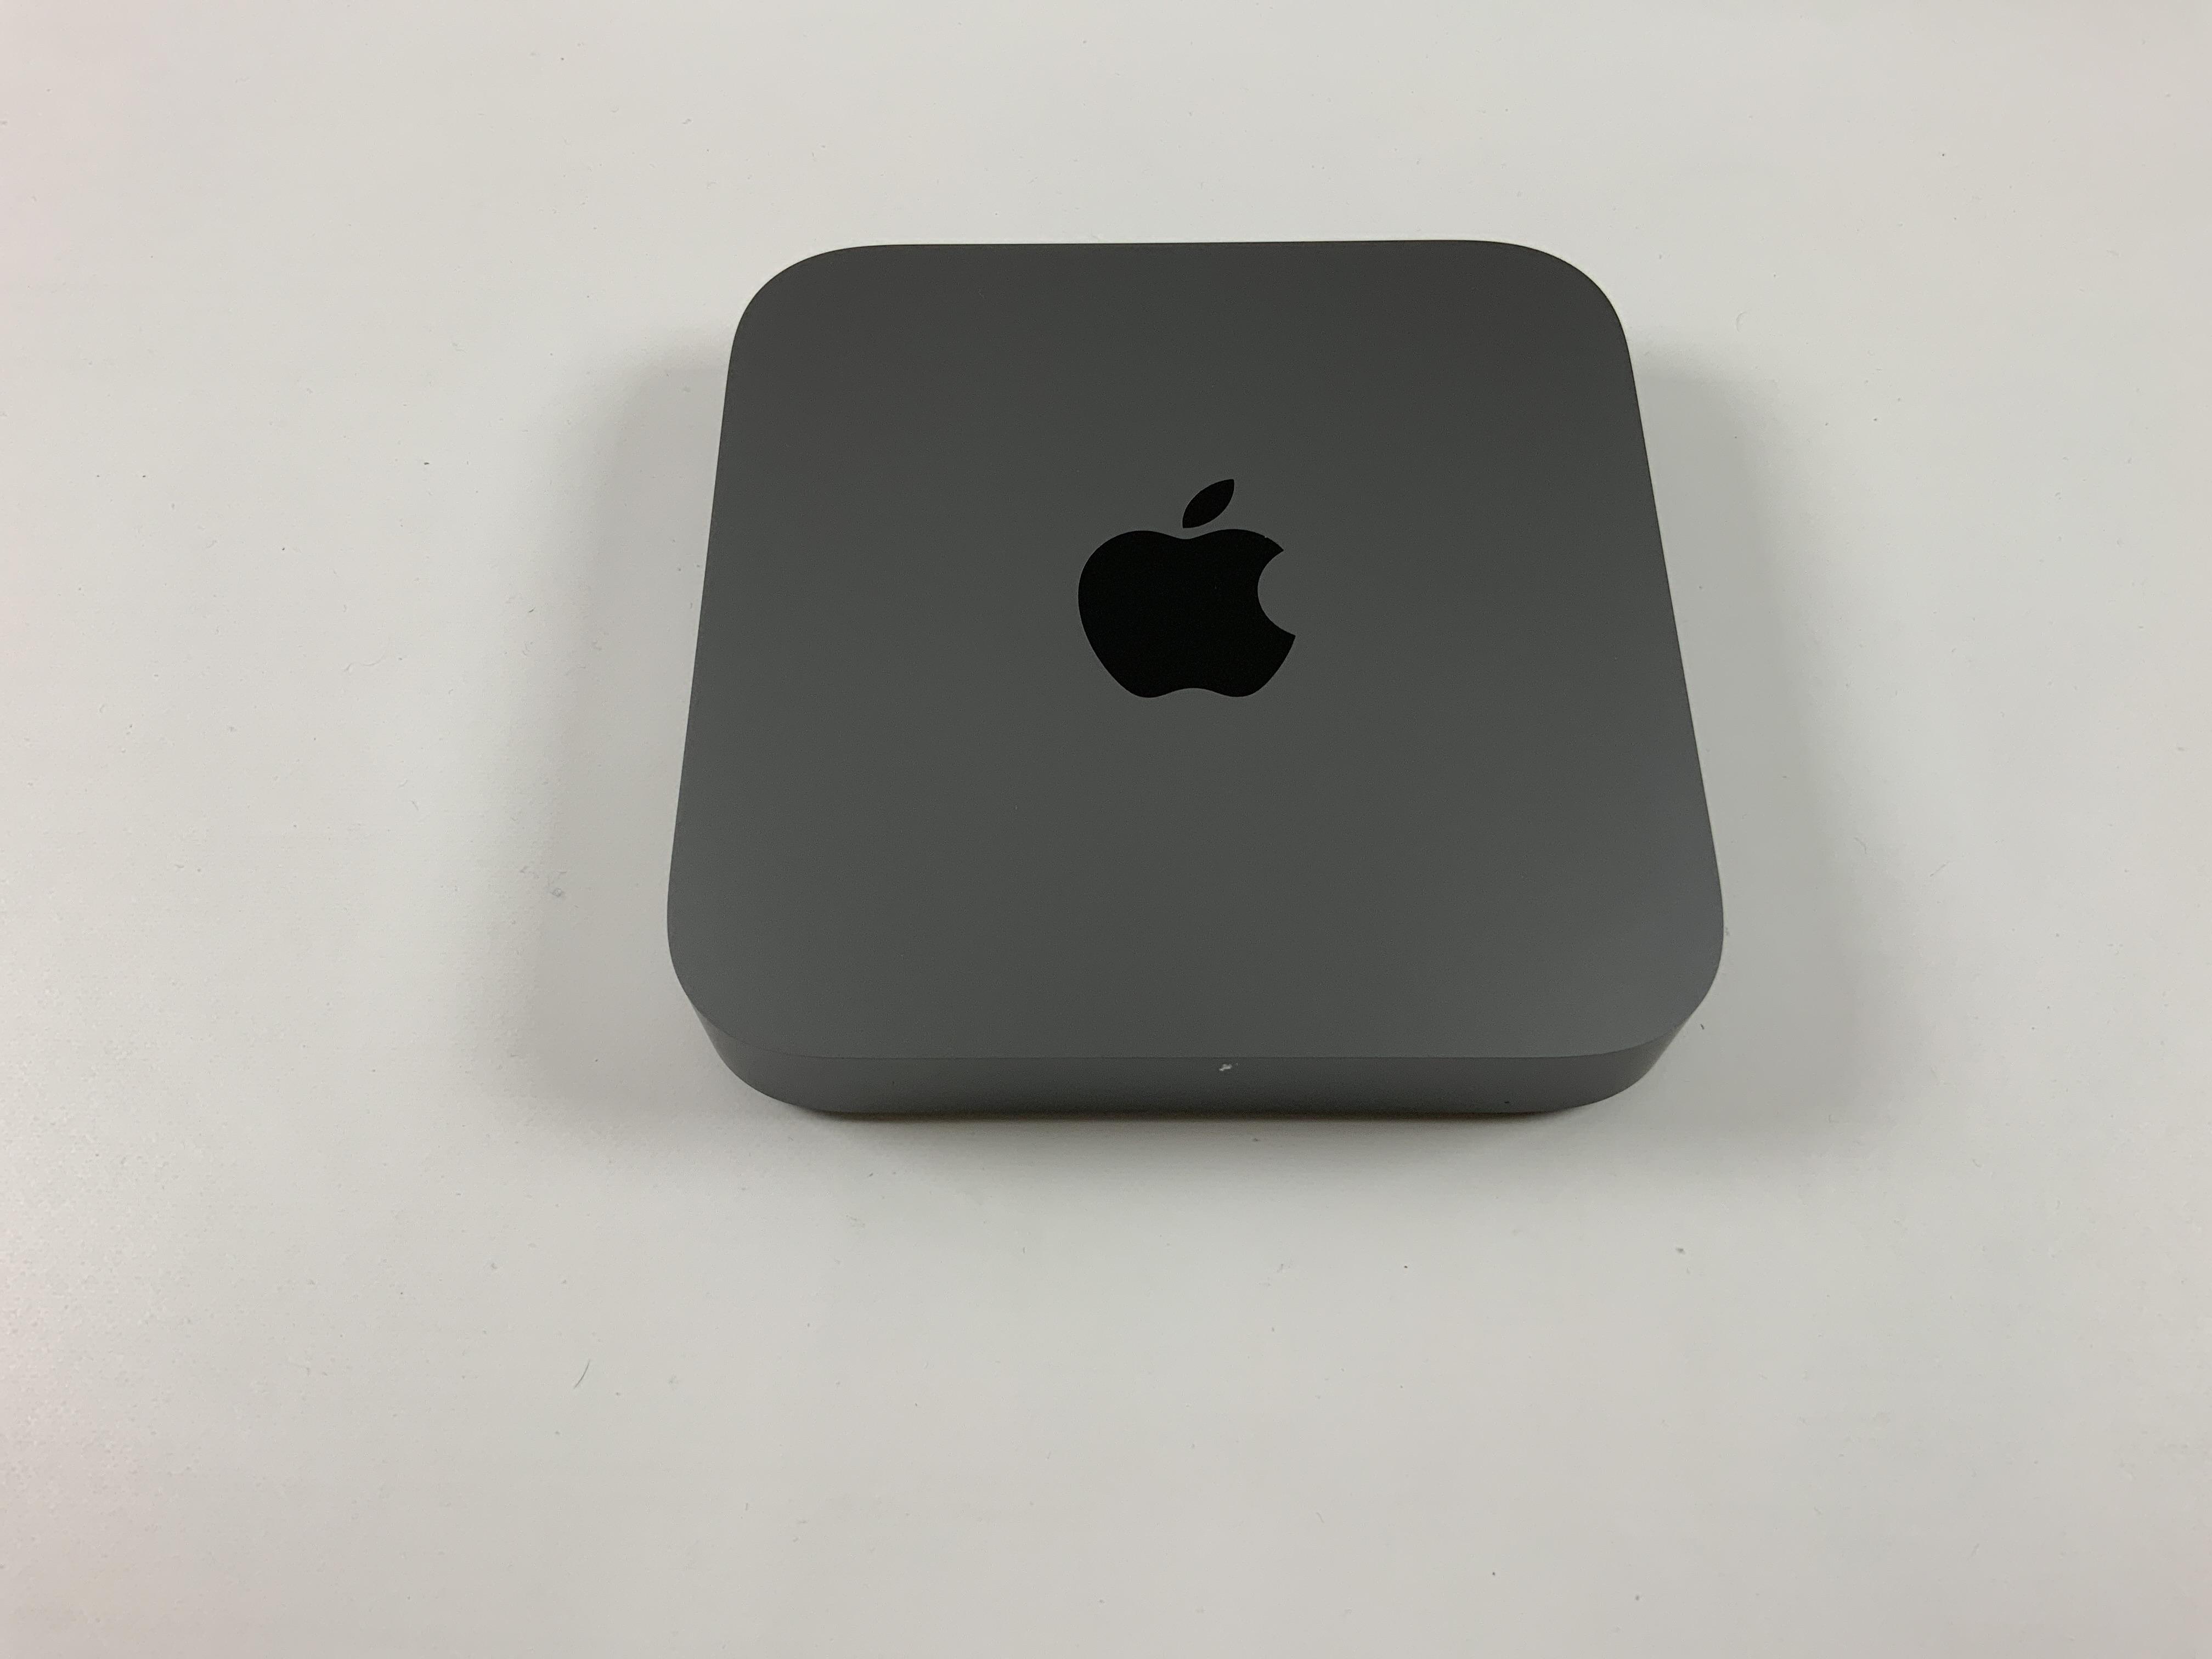 Mac Mini Late 2018 (Intel Quad-Core i3 3.6 GHz 64 GB RAM 128 GB SSD), Intel Quad-Core i3 3.6 GHz, 64 GB RAM, 128 GB SSD, Afbeelding 1